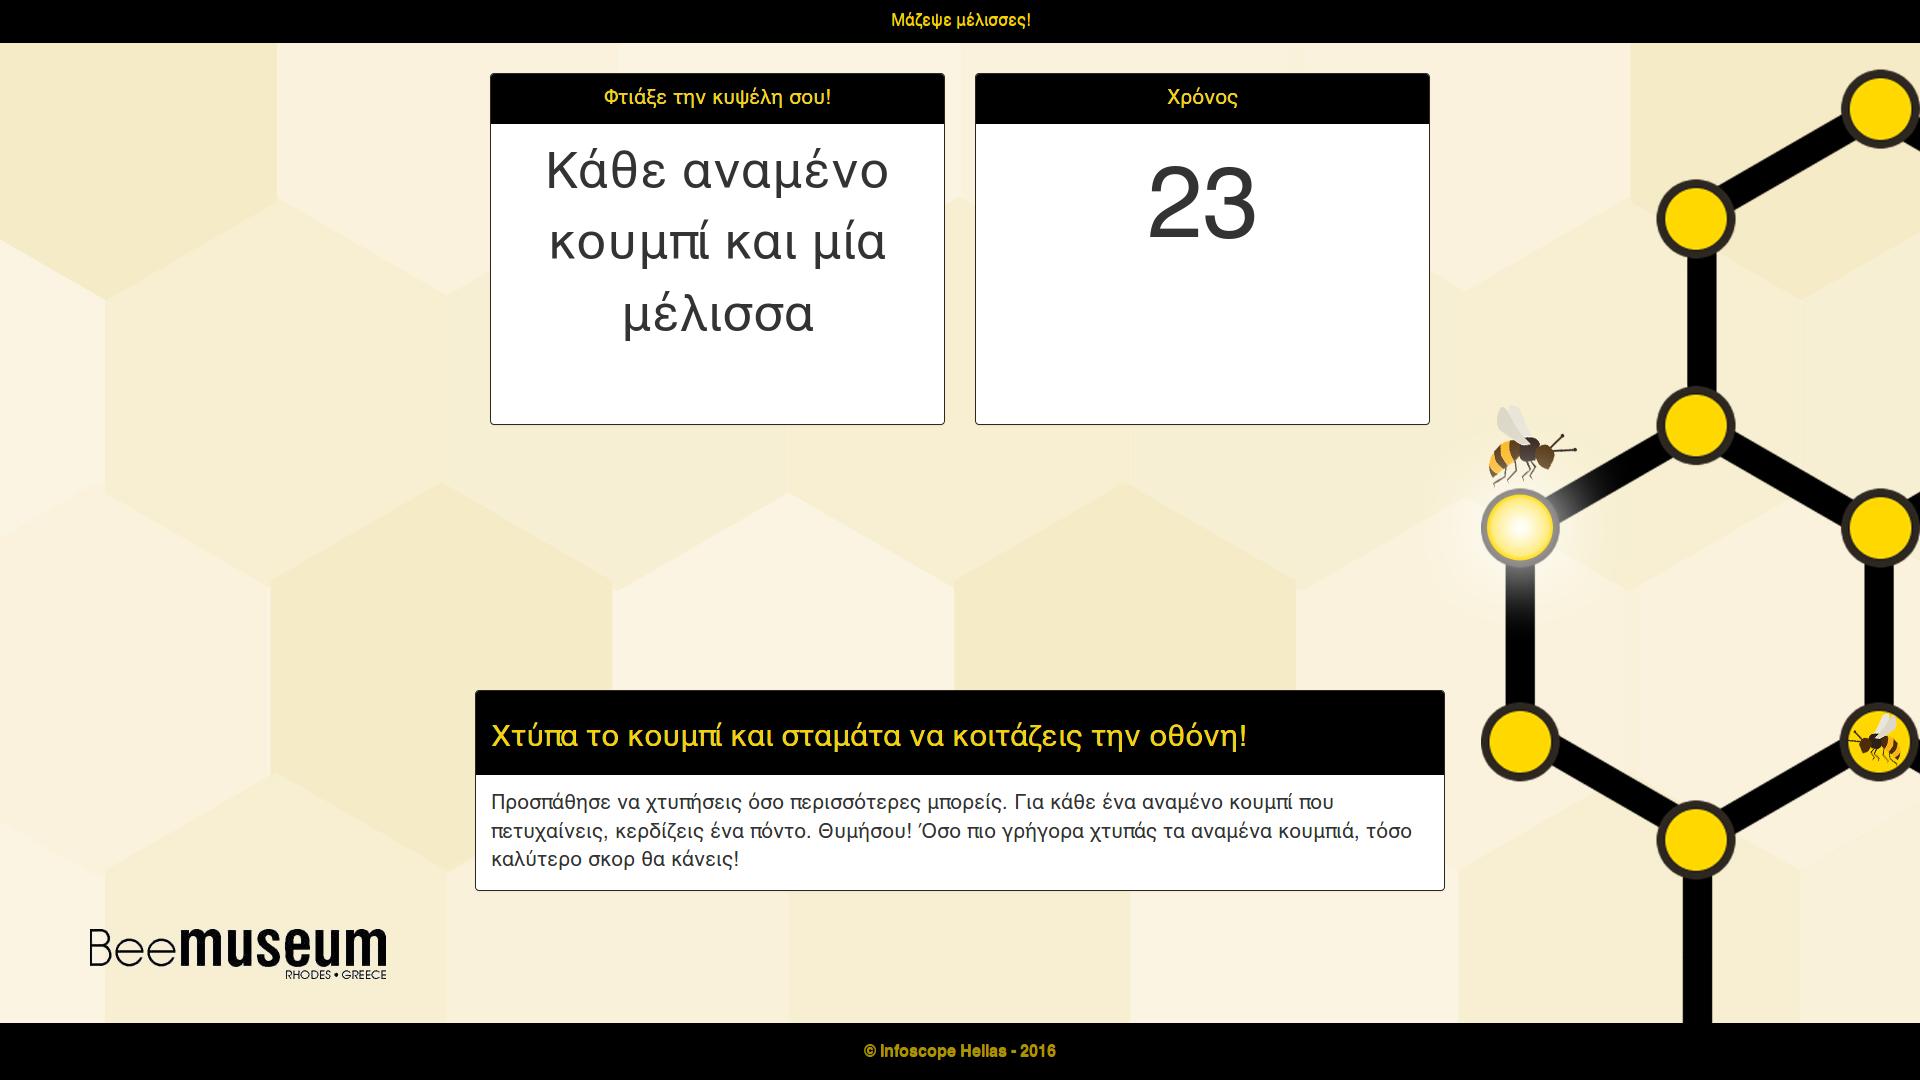 """Μουσείο Μέλισσας - Διαδραστική εφαρμογή """"Μάζεψε Μέλισσες"""" - Οθόνη αντίστροφης μέτρησης"""